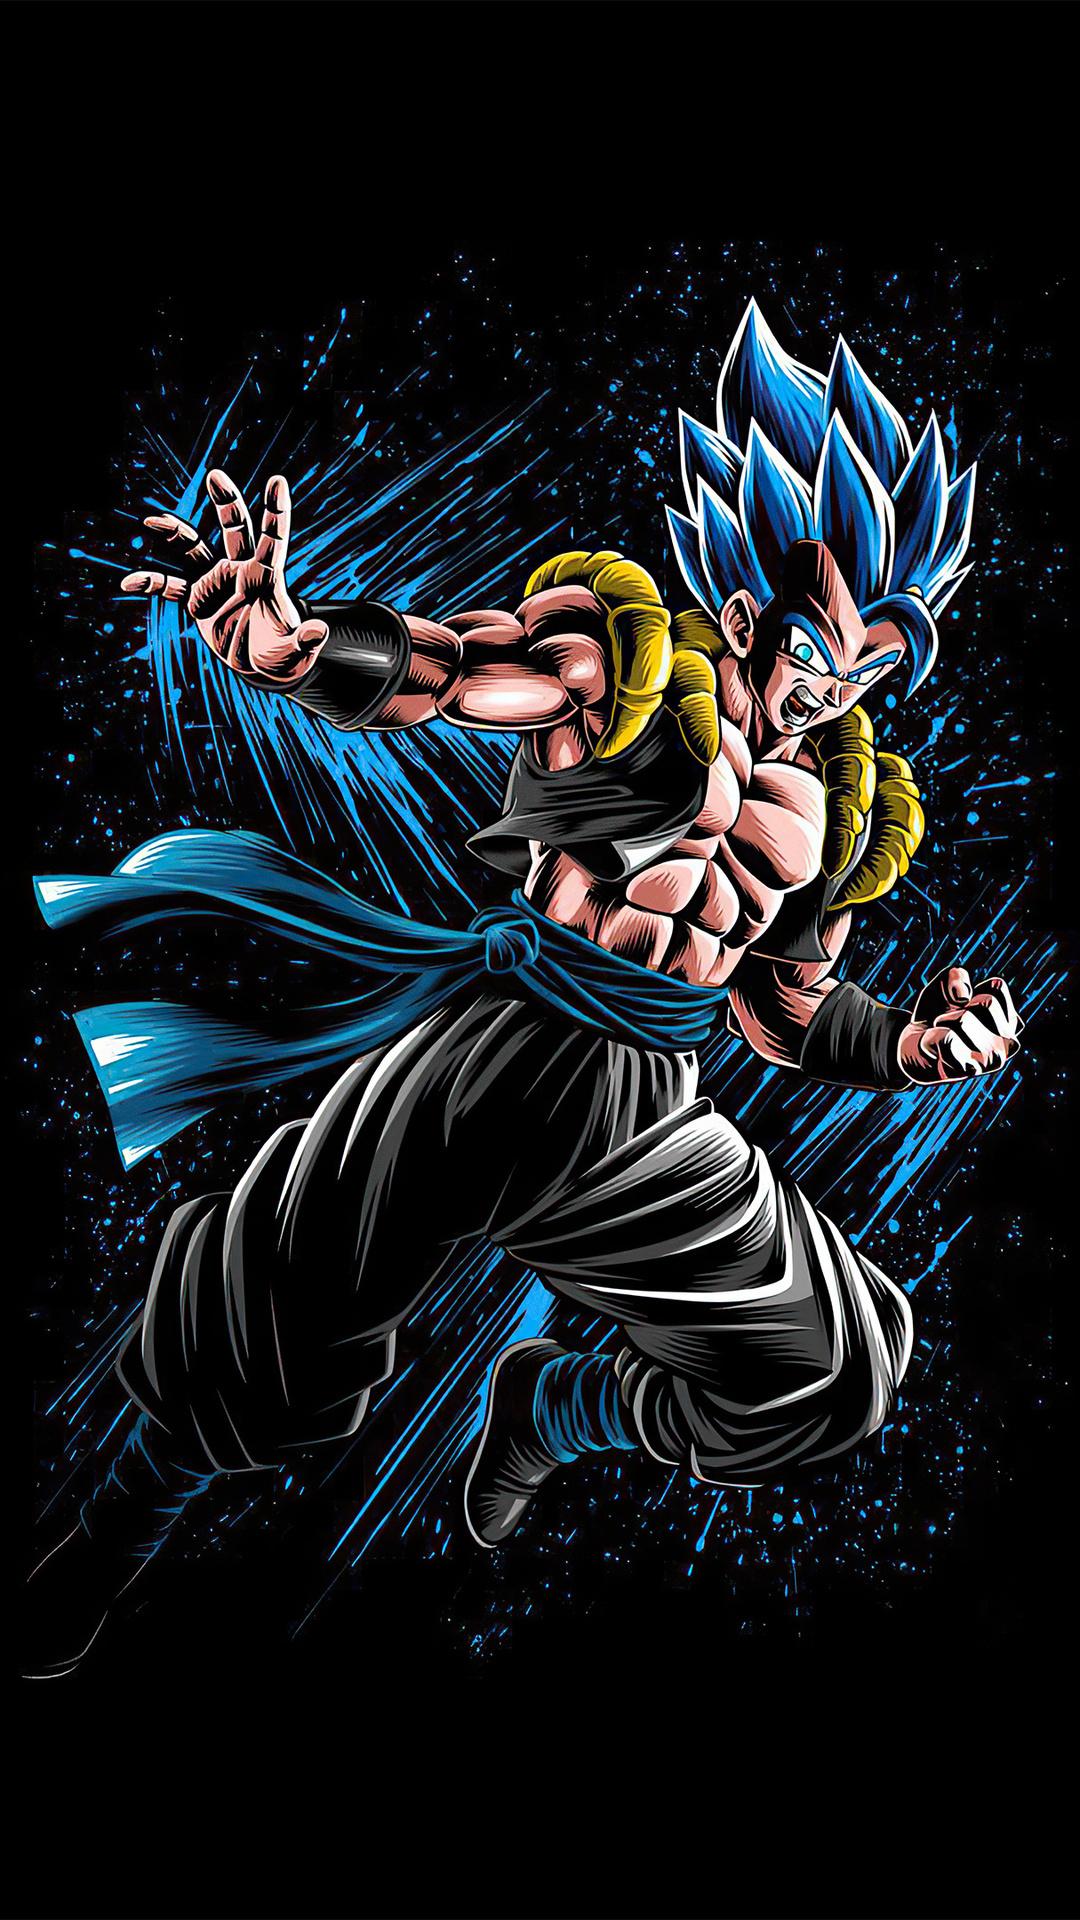 Dragon Ball Z Gogeta Wallpaper